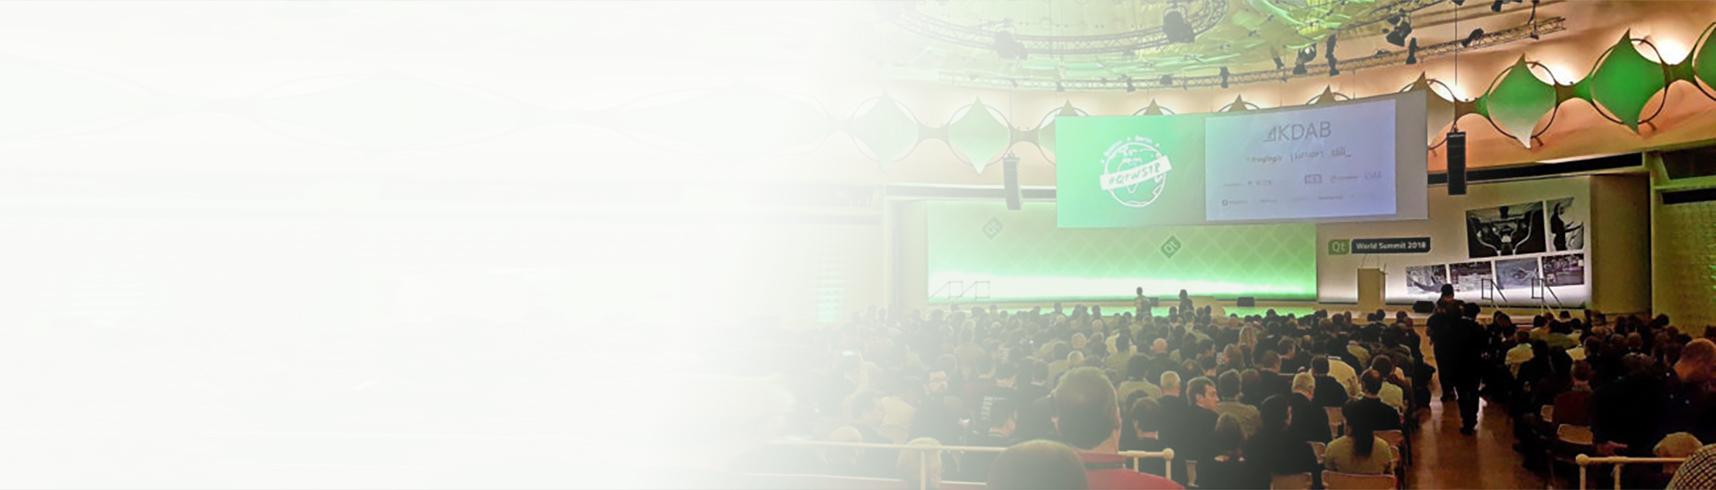 KDAB and Qt World Summit - KDAB